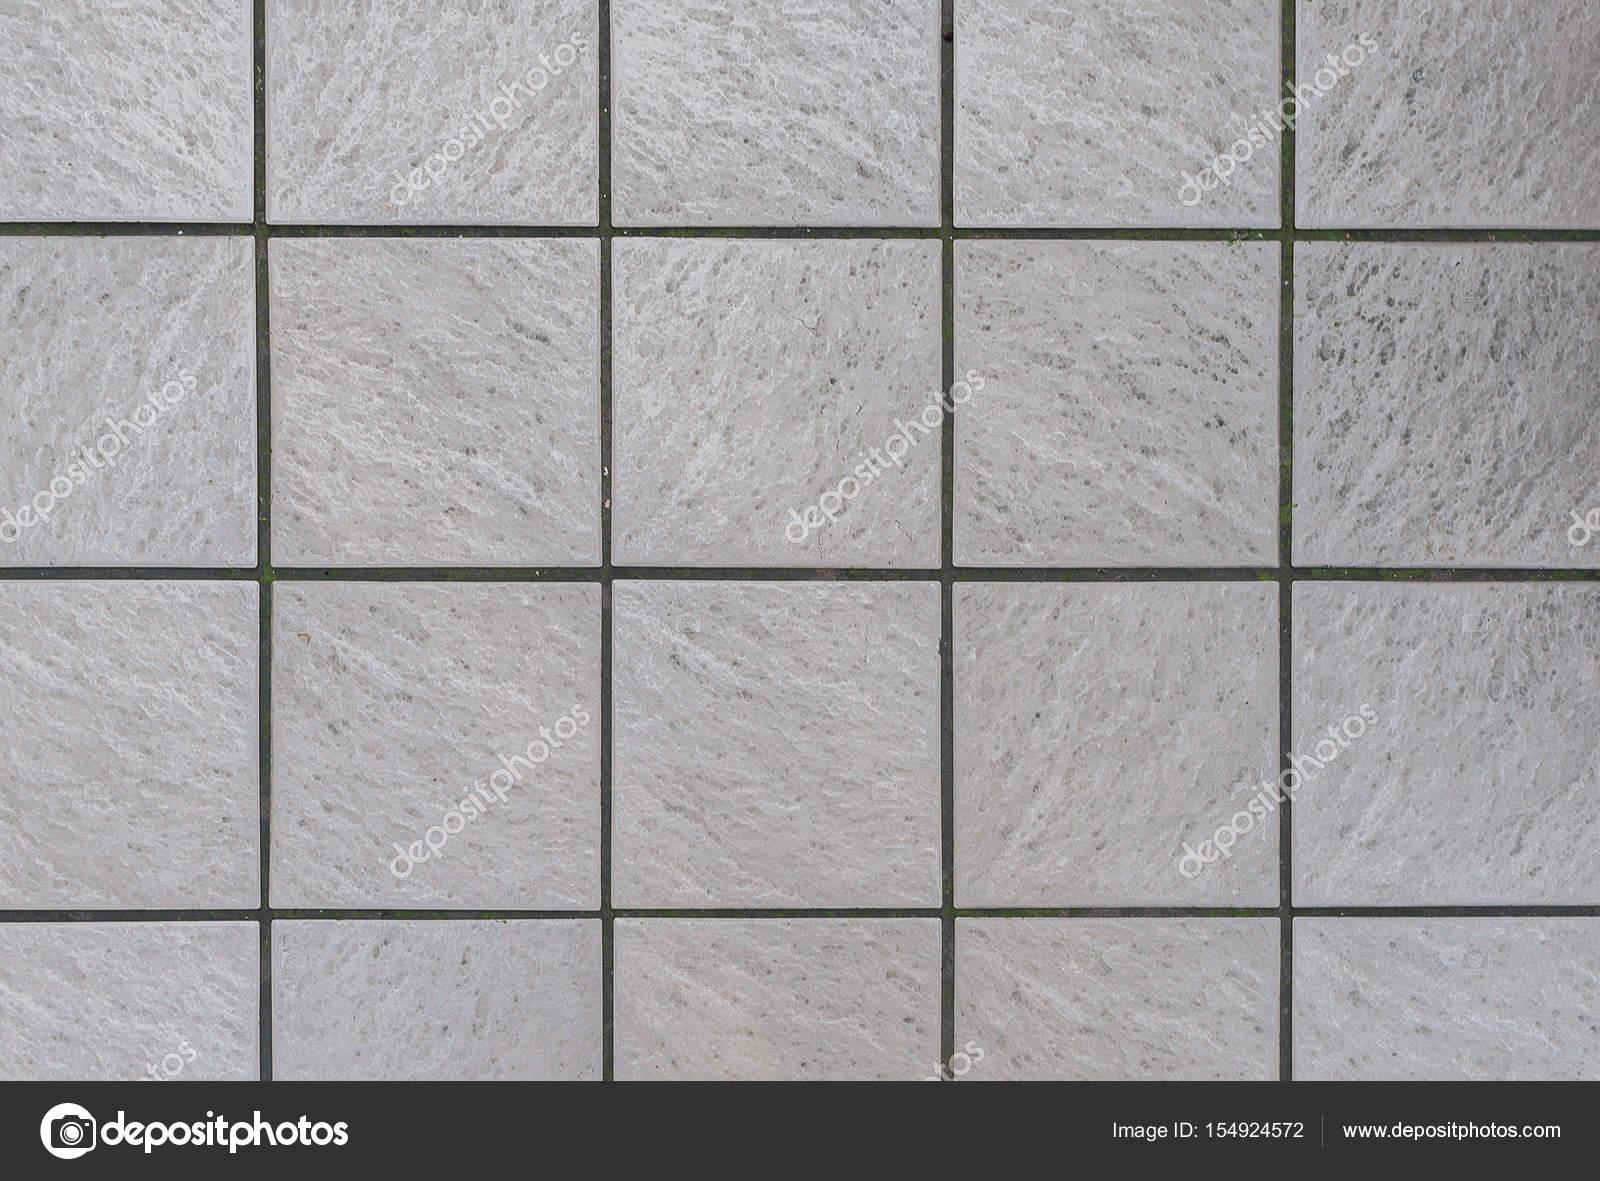 Fußboden Fliesen Mosaik ~ Fußboden fliesen mosaik bodenfliesen dusche wandfliesen mit